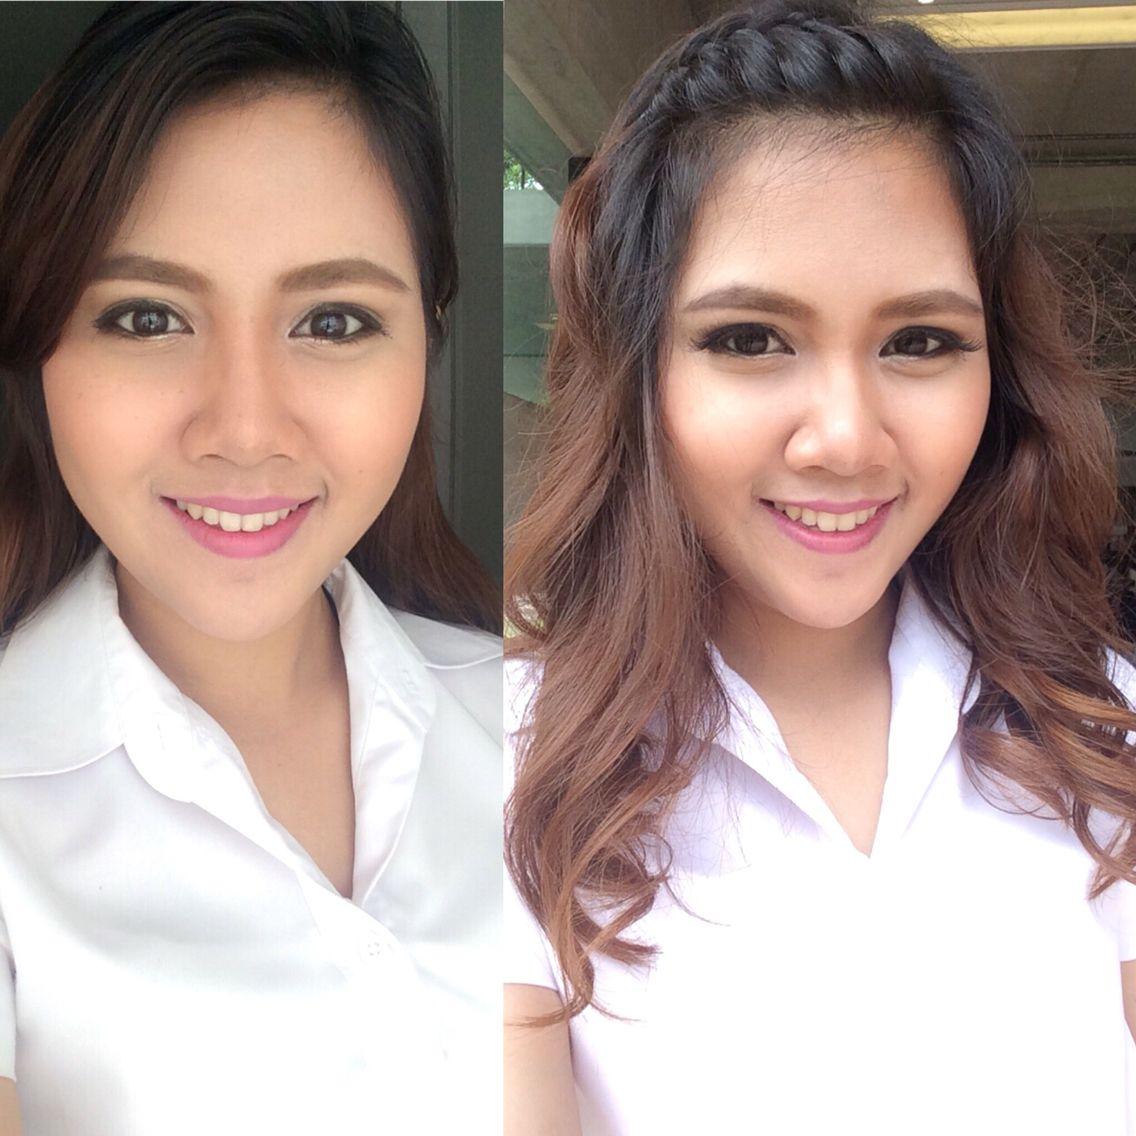 Makeup graduation style #makeup